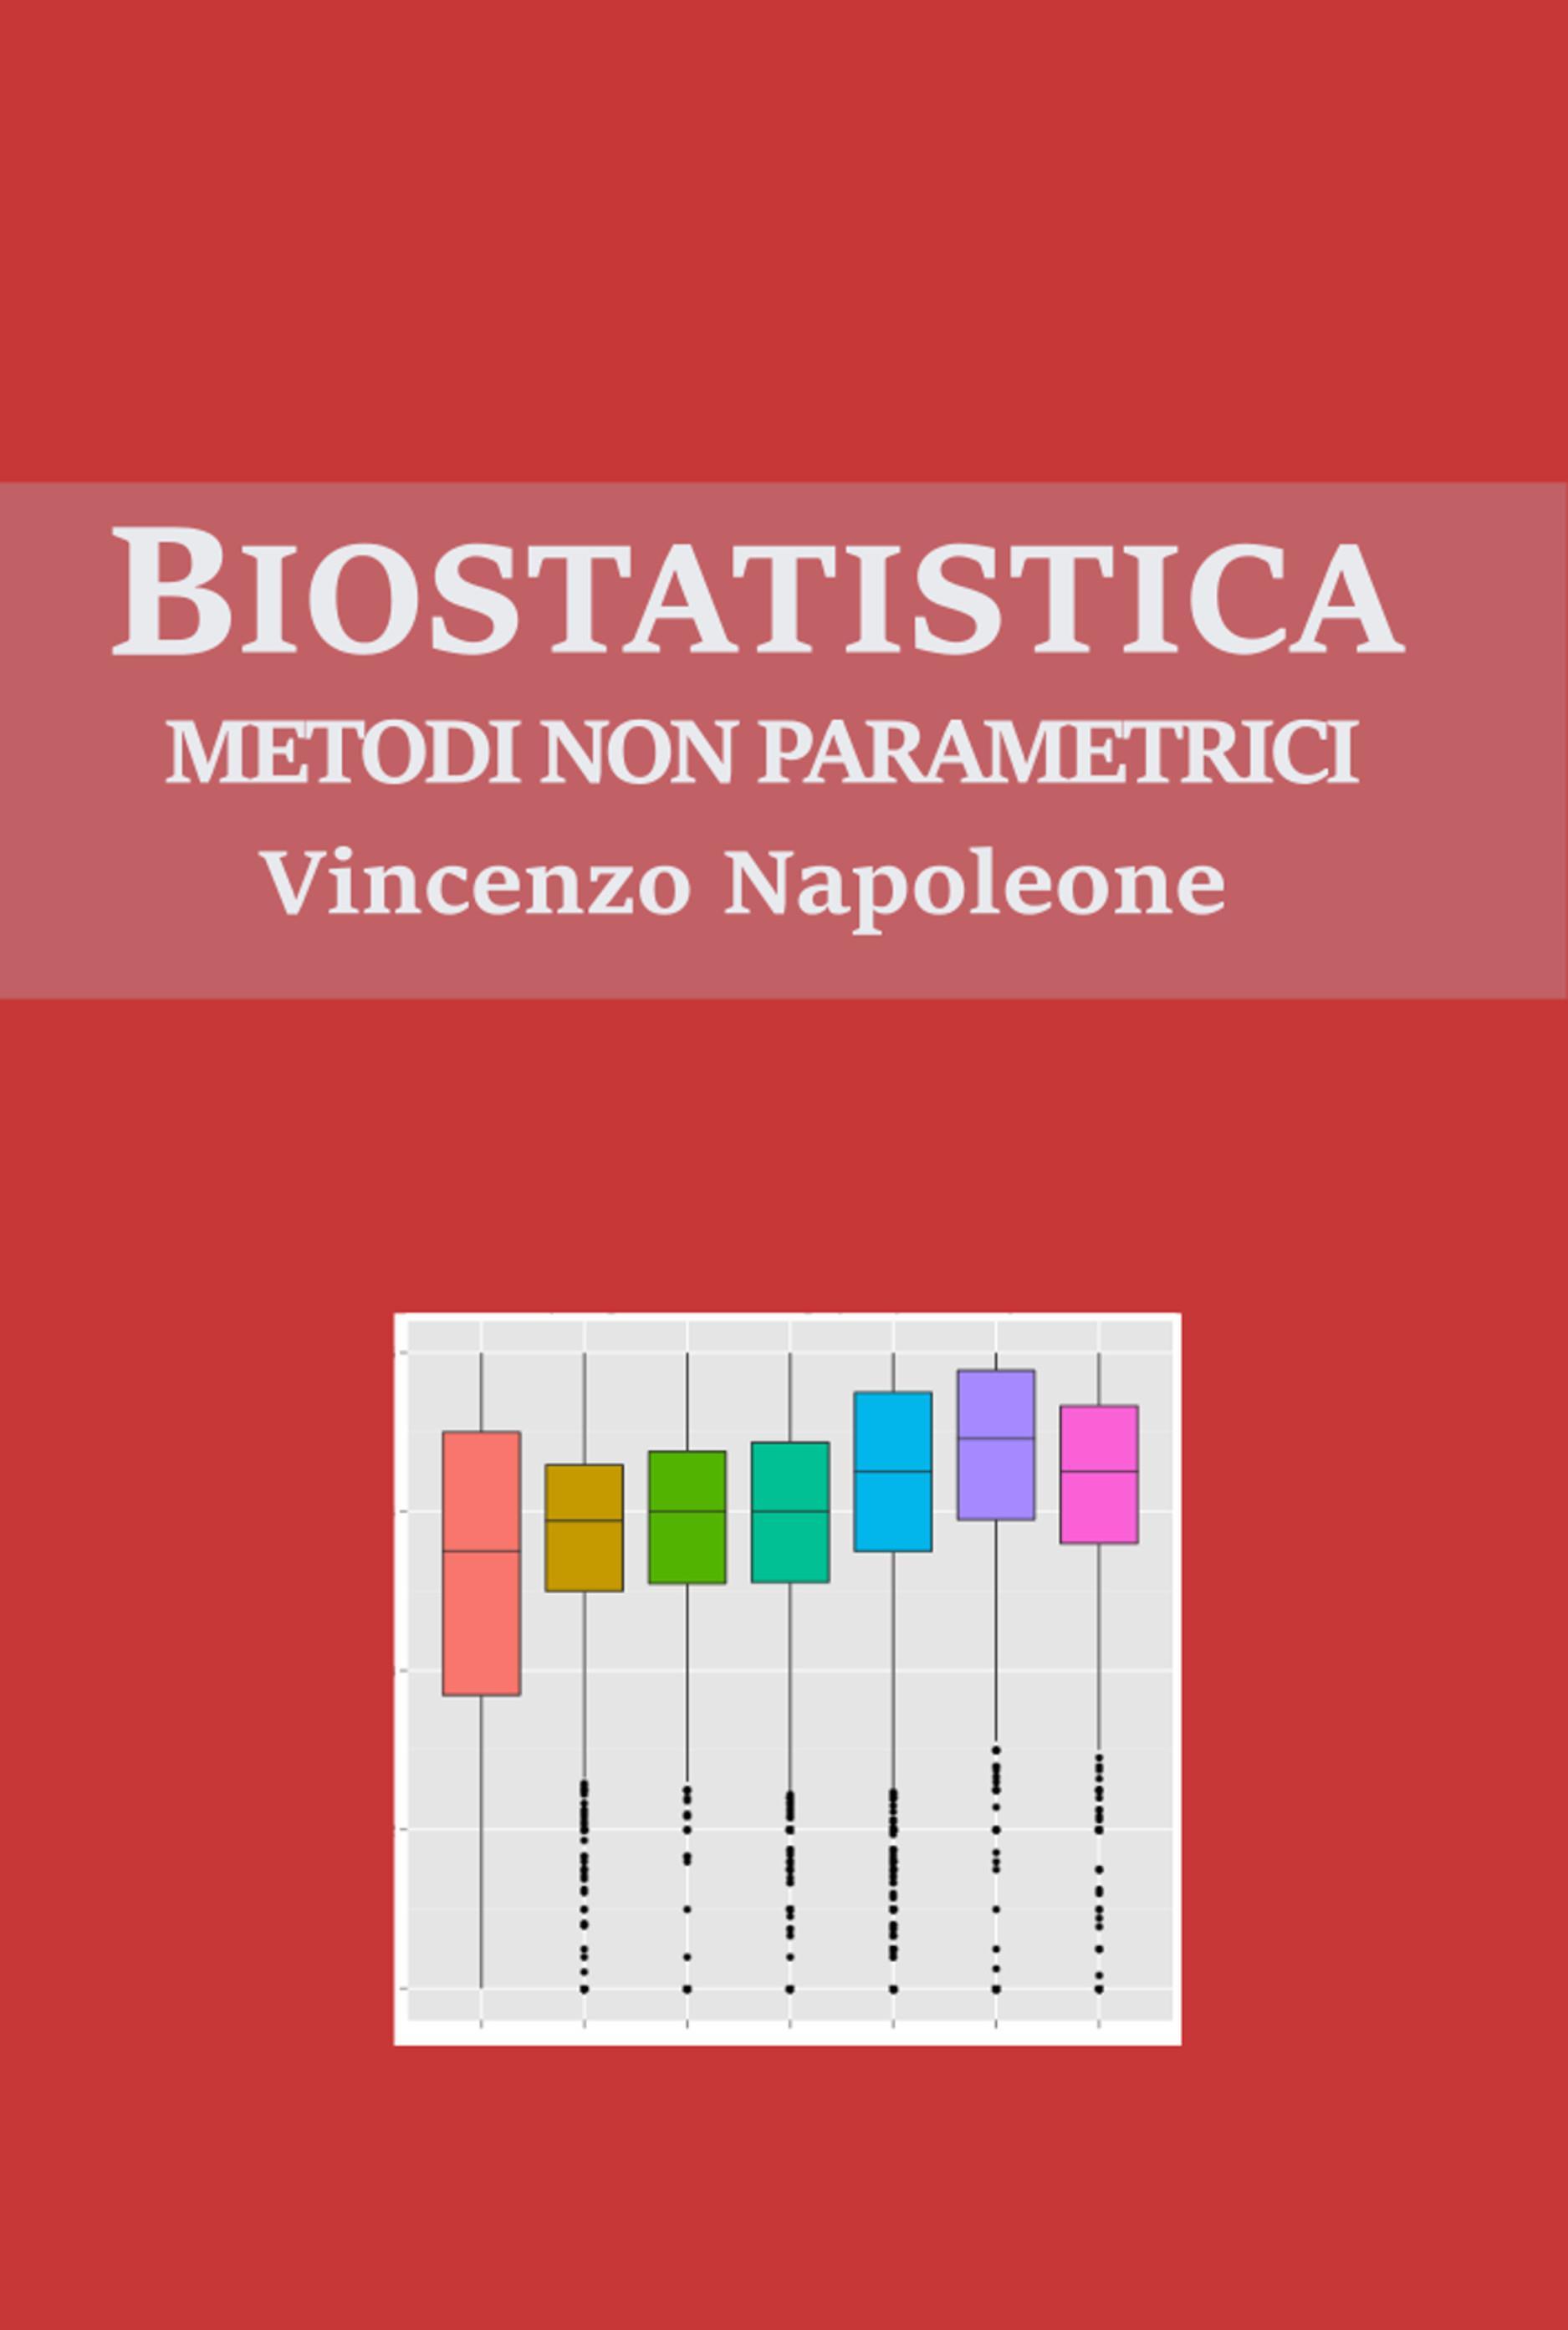 Biostatistica: metodi non parametrici